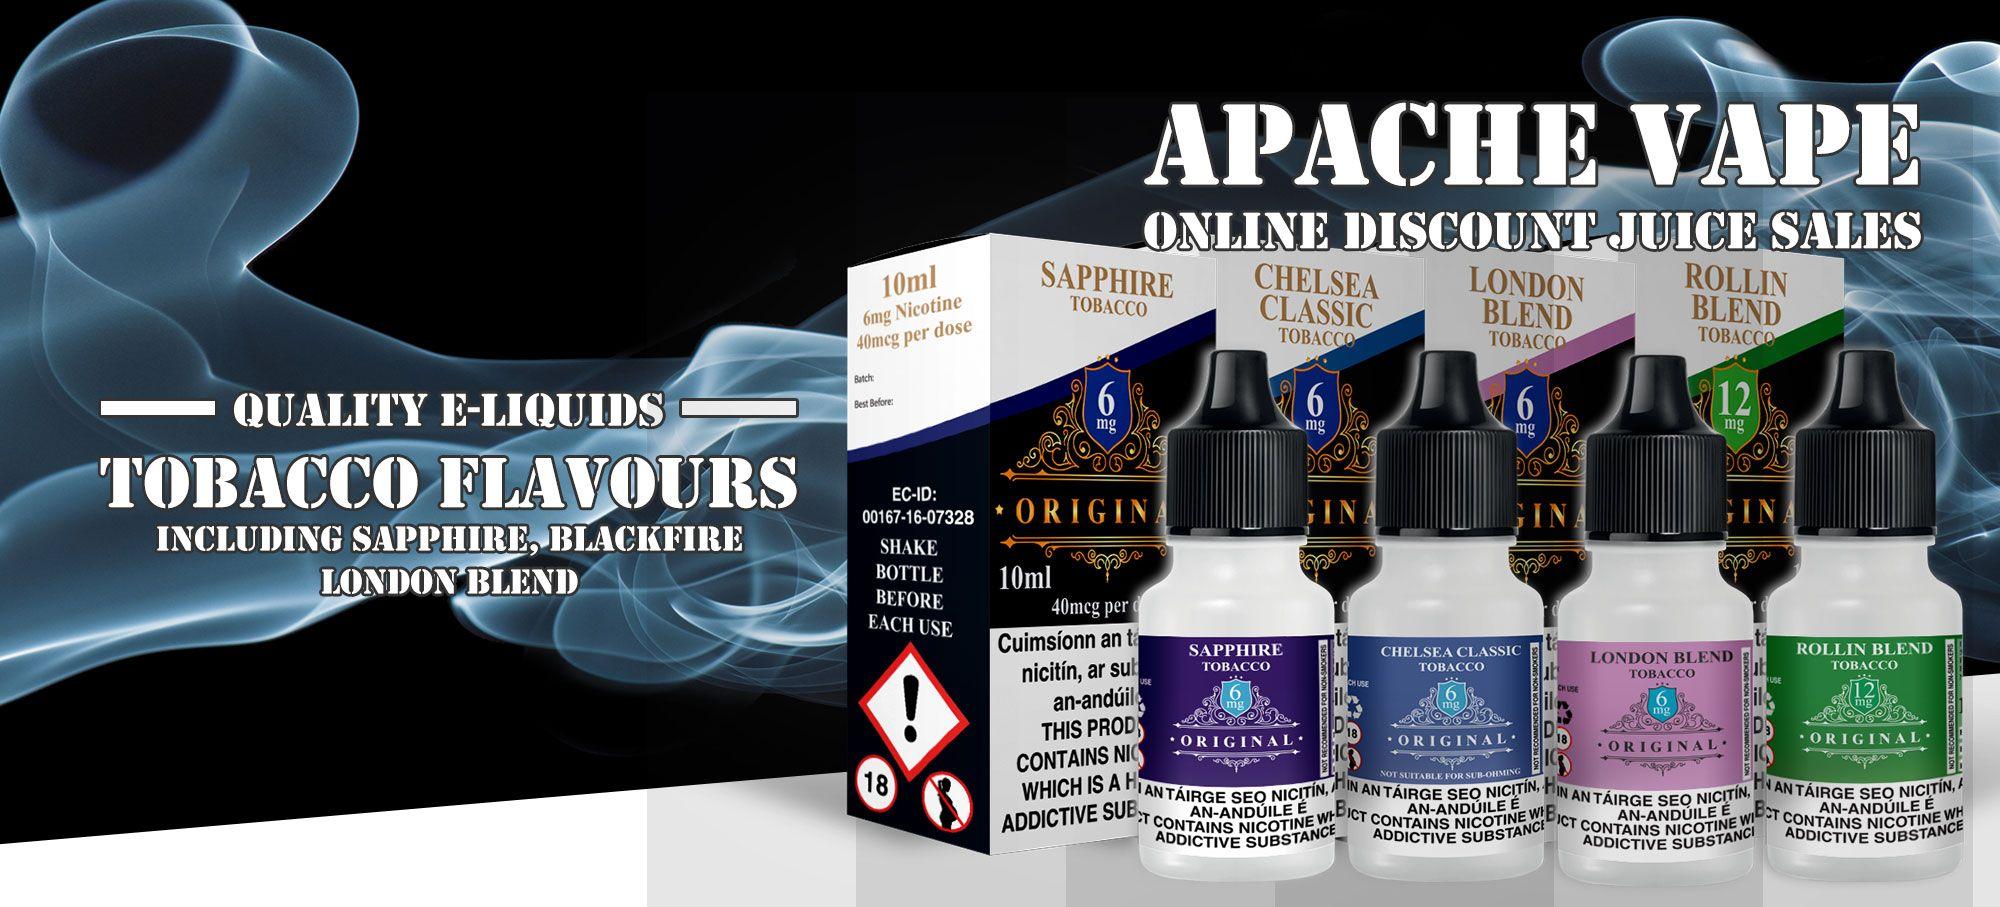 Originals Tobacco 10ml E-Liquids – £1.25